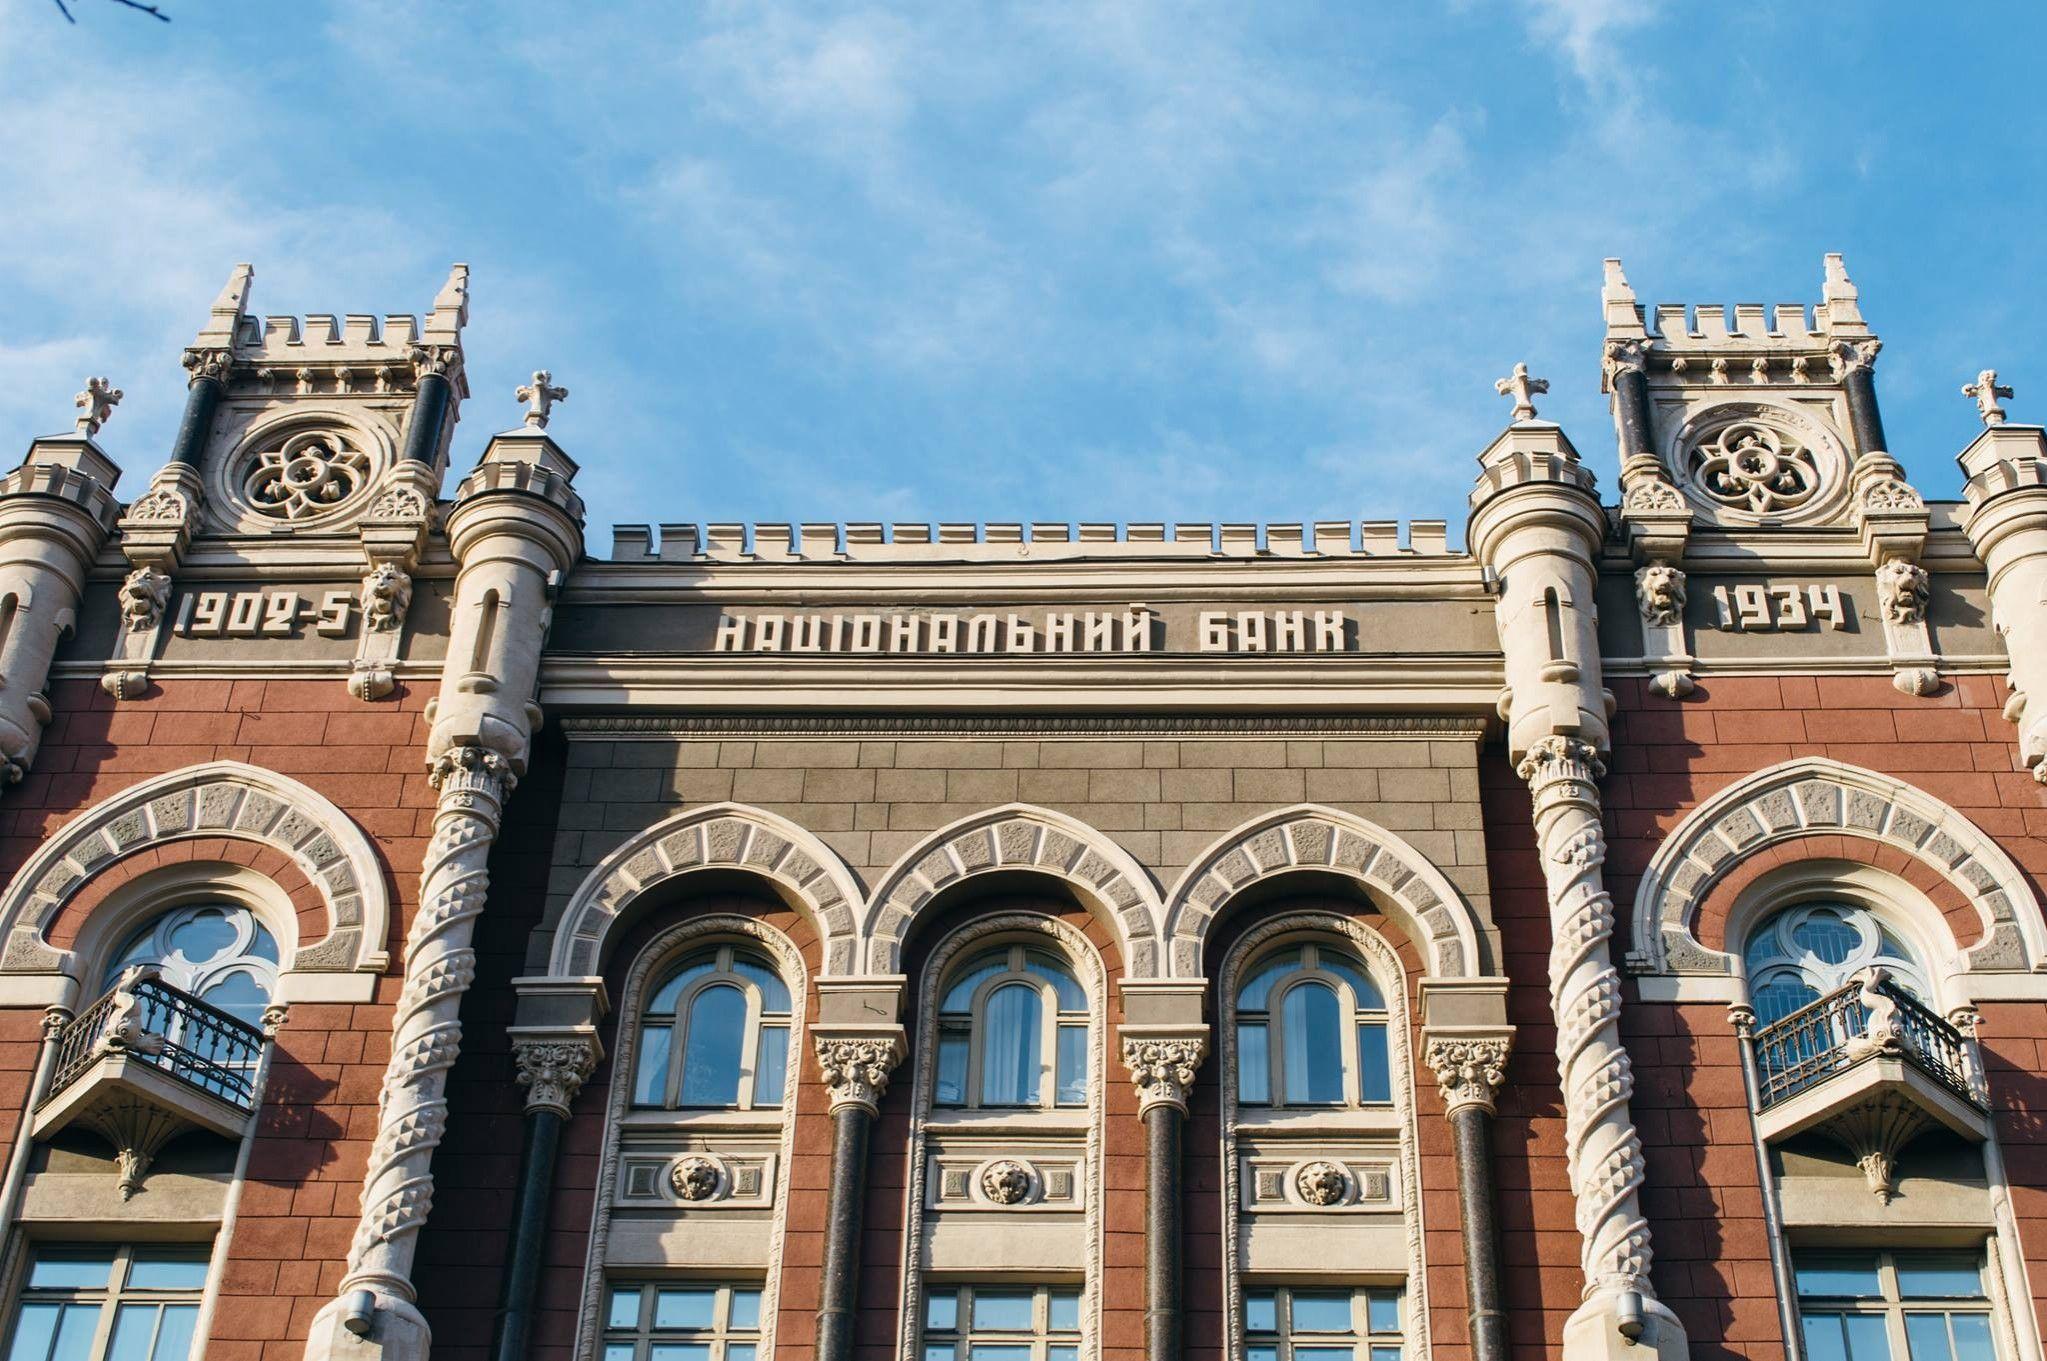 В рапорте Куценко был затронут вопрос о махинациях с активами ликвидируемых банков / Фото НБУ